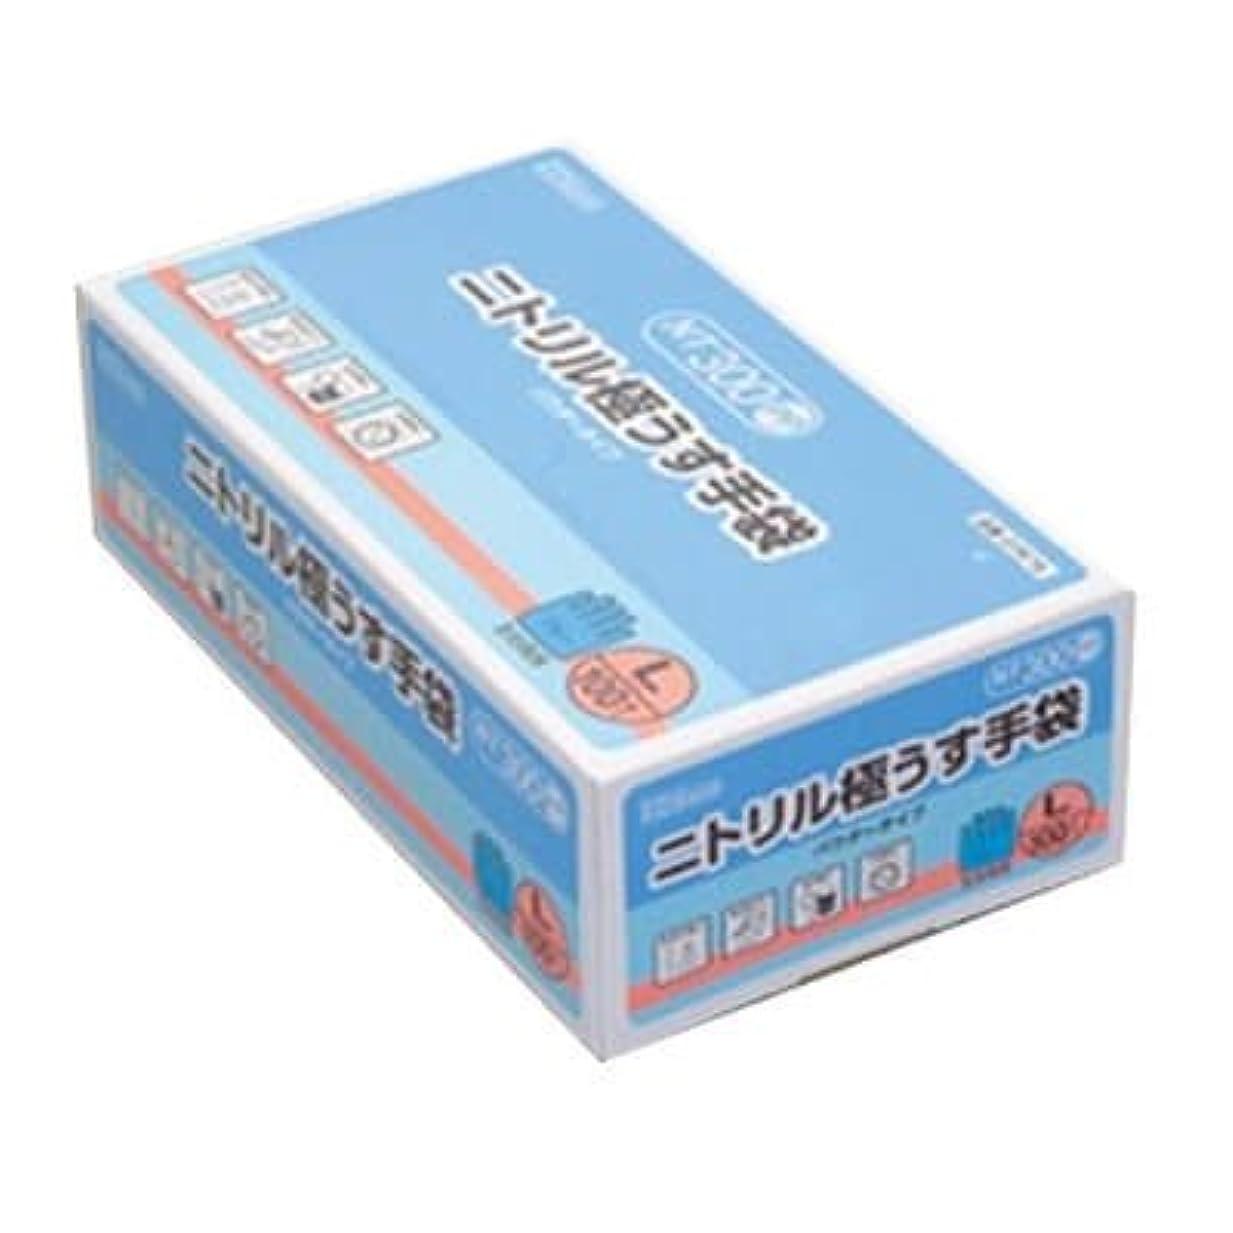 神秘背骨賞賛する【ケース販売】 ダンロップ ニトリル極うす手袋 粉付 L ブルー NT-300 (100枚入×20箱)